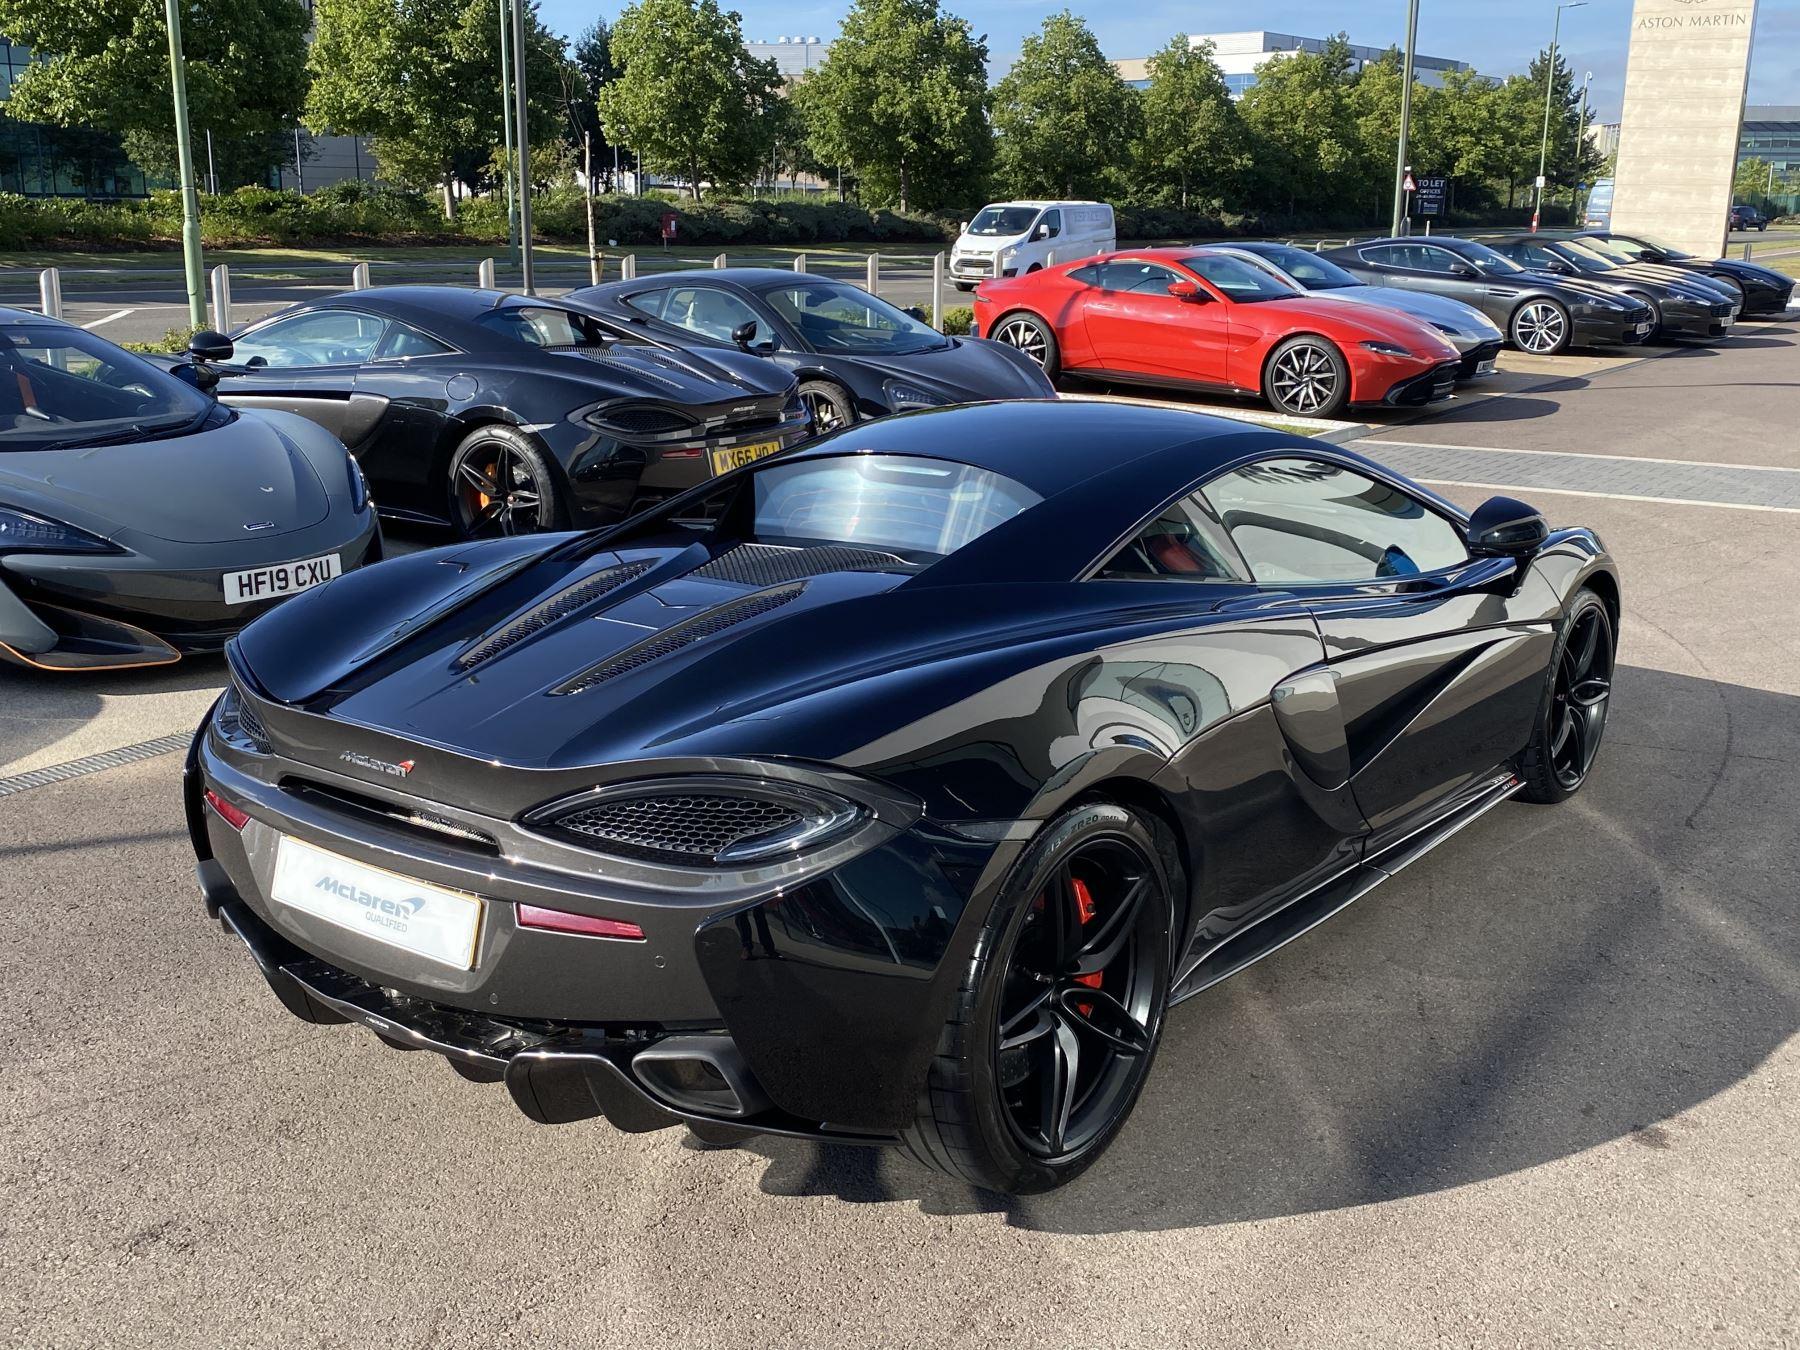 McLaren 570S Coupe SSG  image 3